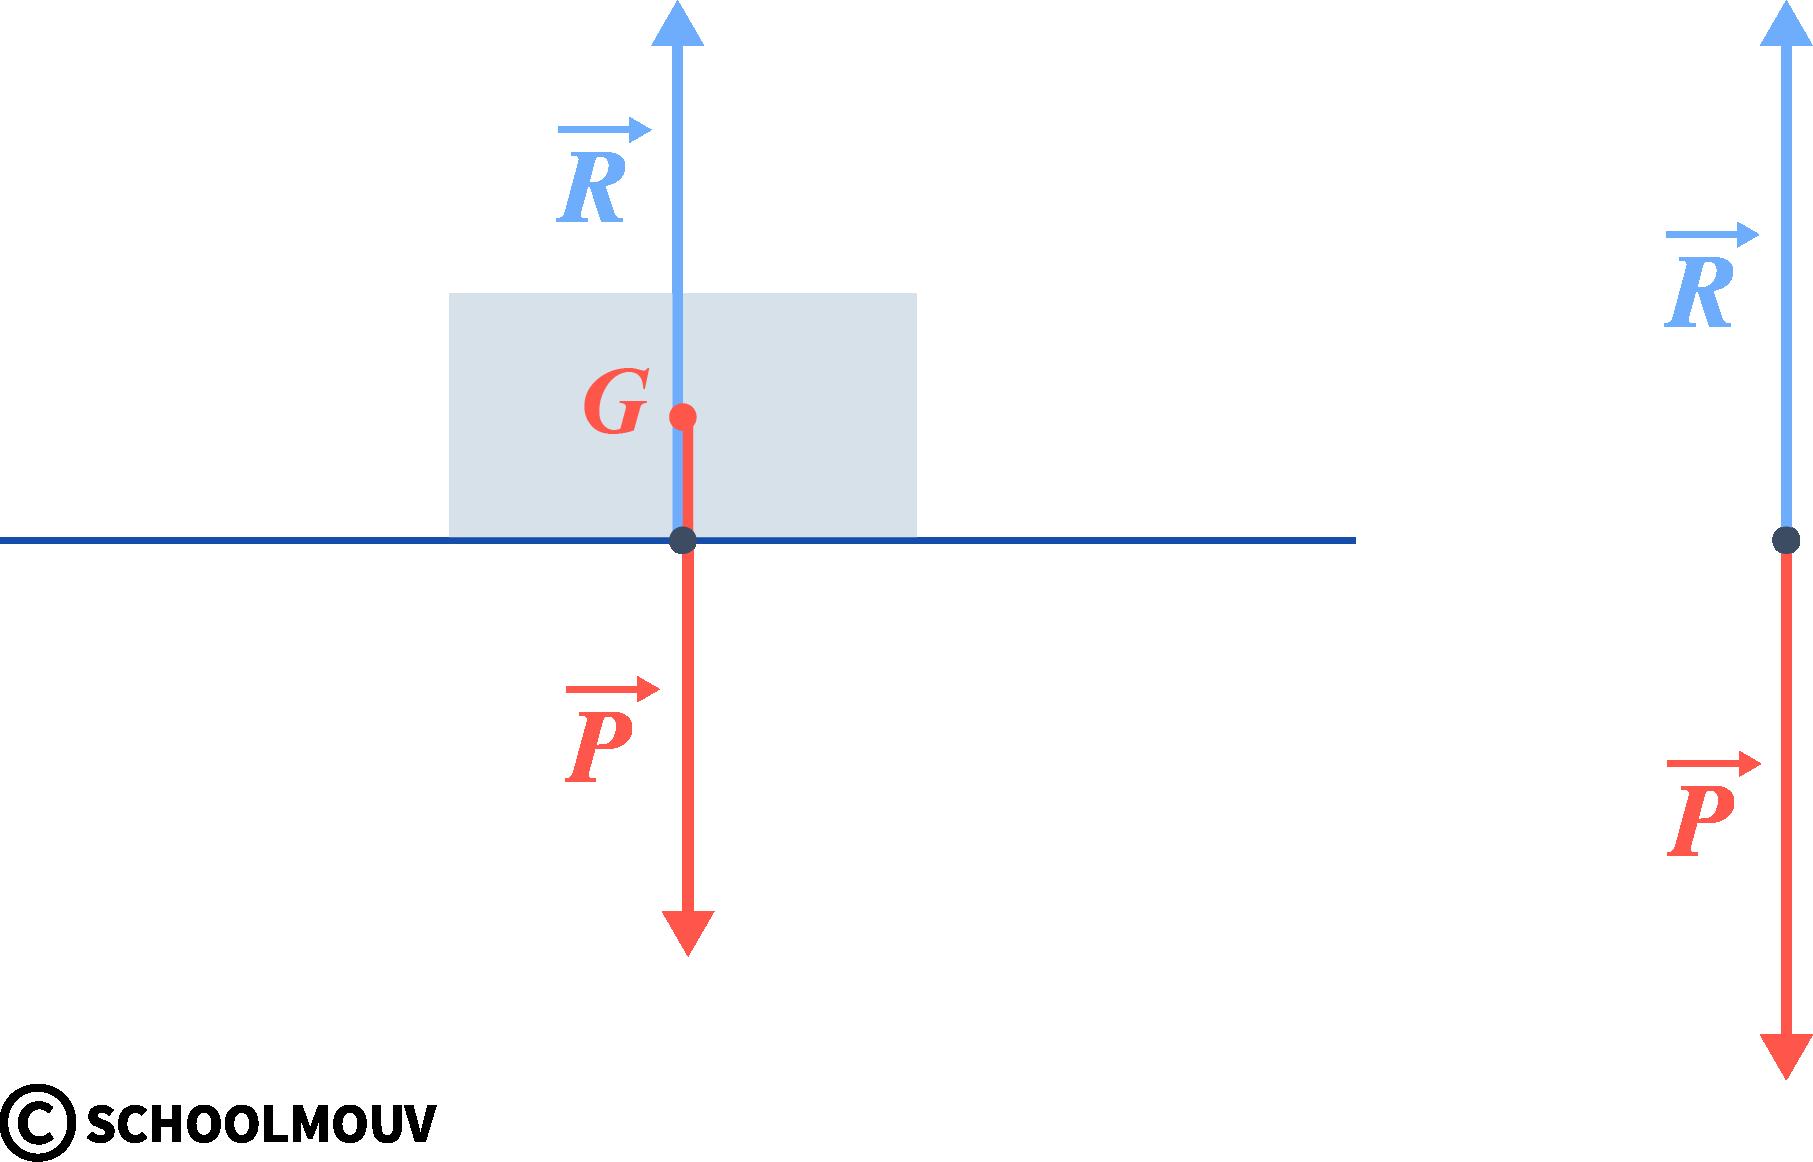 Le principe d'inertie objet posé sur le sol immobile